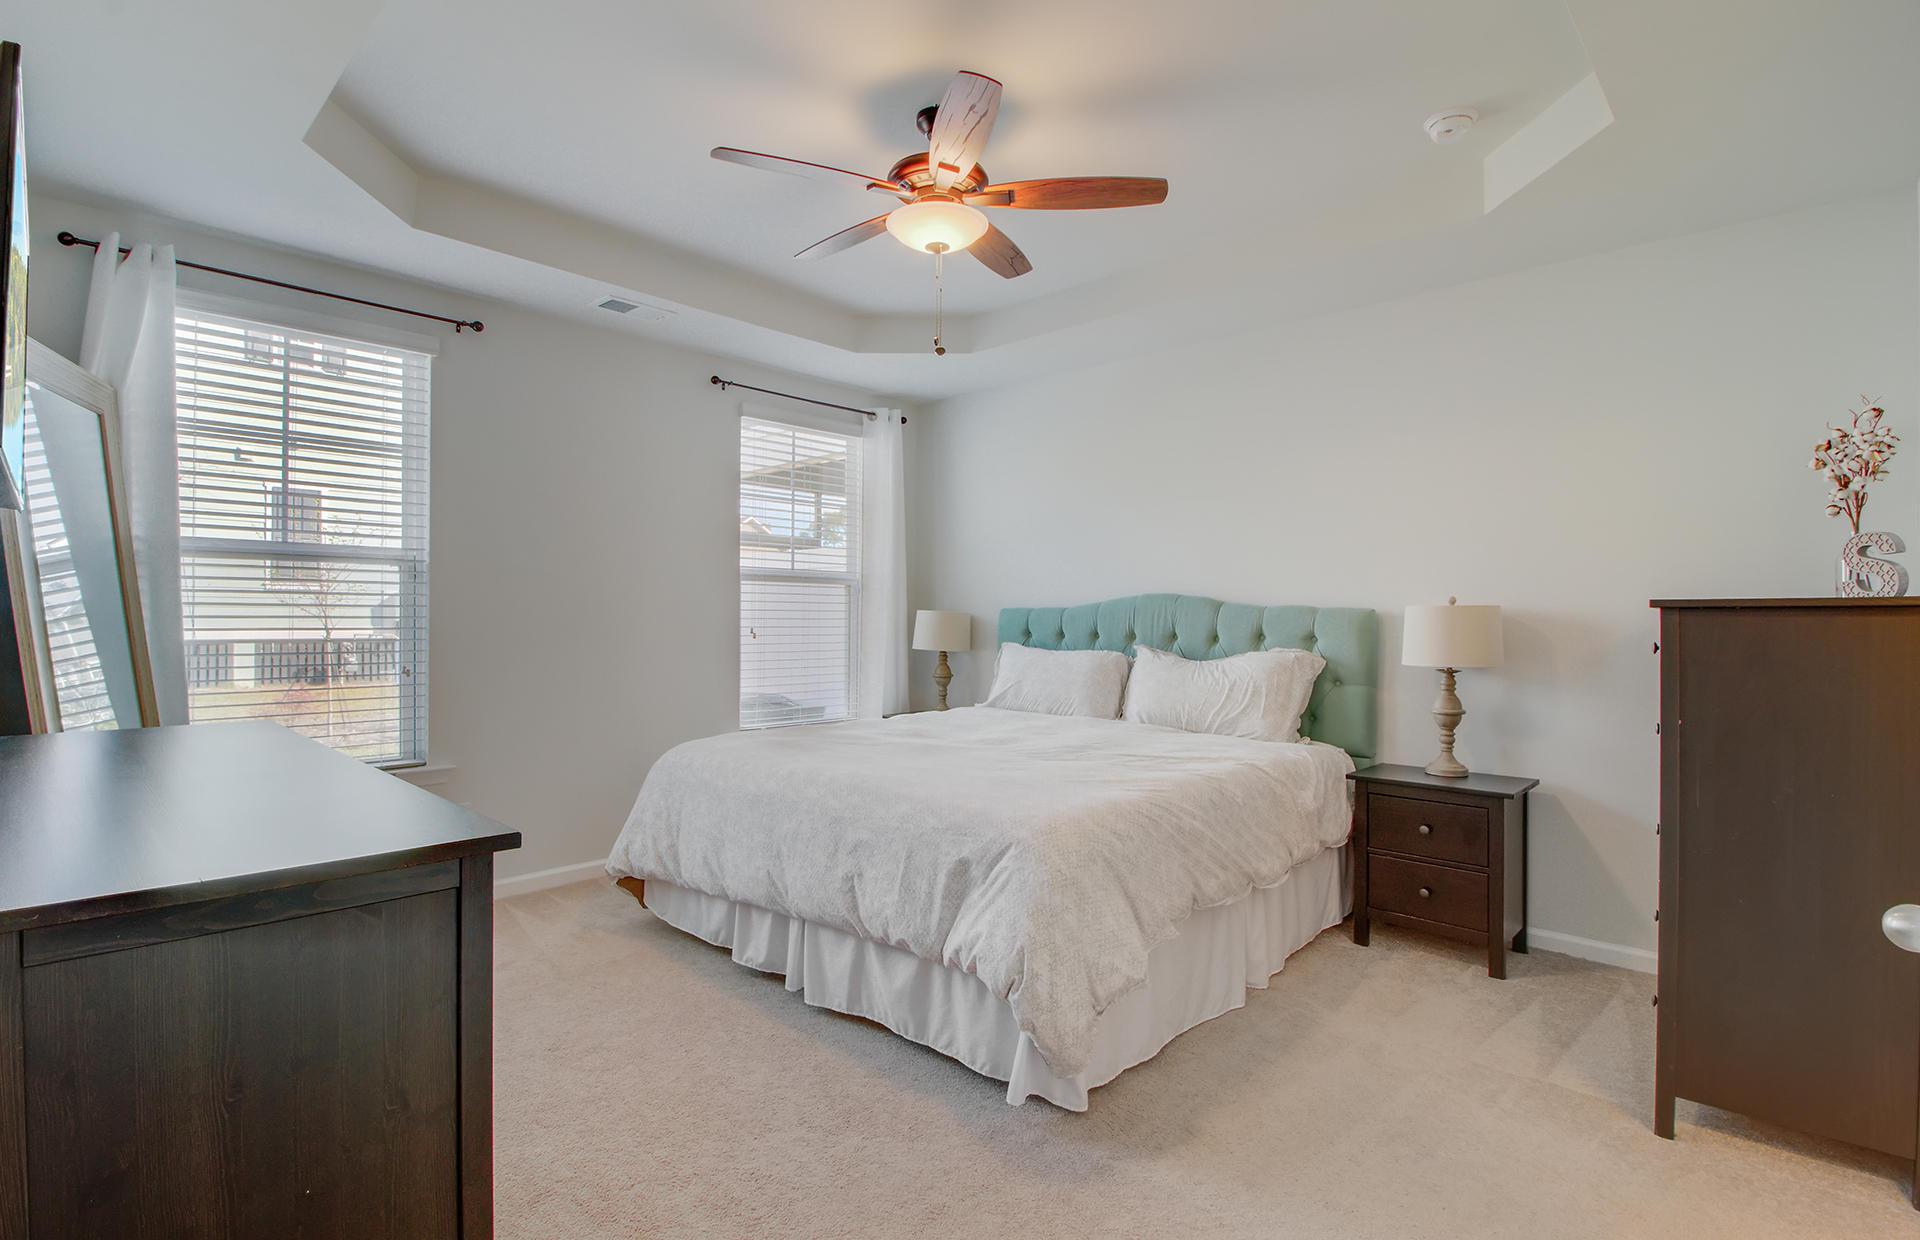 Park West Homes For Sale - 2569 Kingsfield, Mount Pleasant, SC - 23